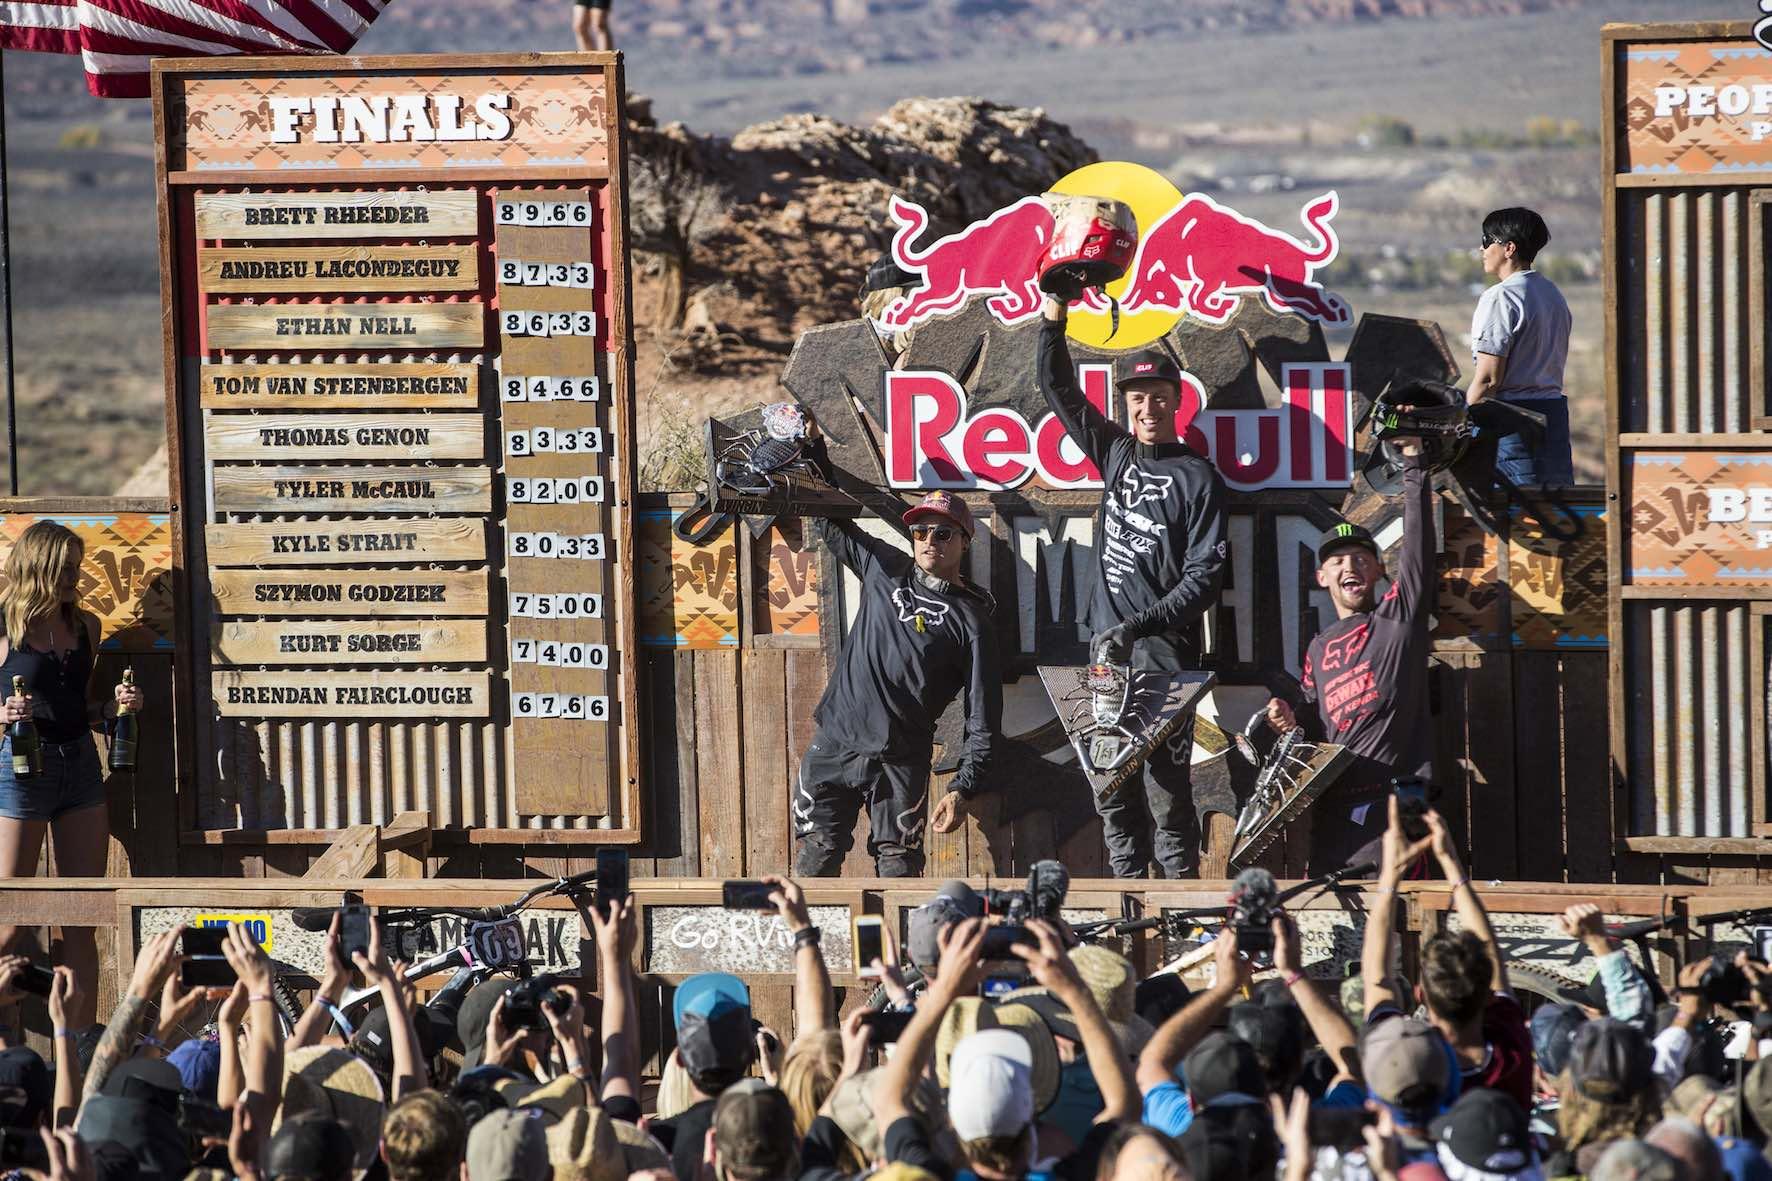 Red Bull Rampage 2018 winners podium